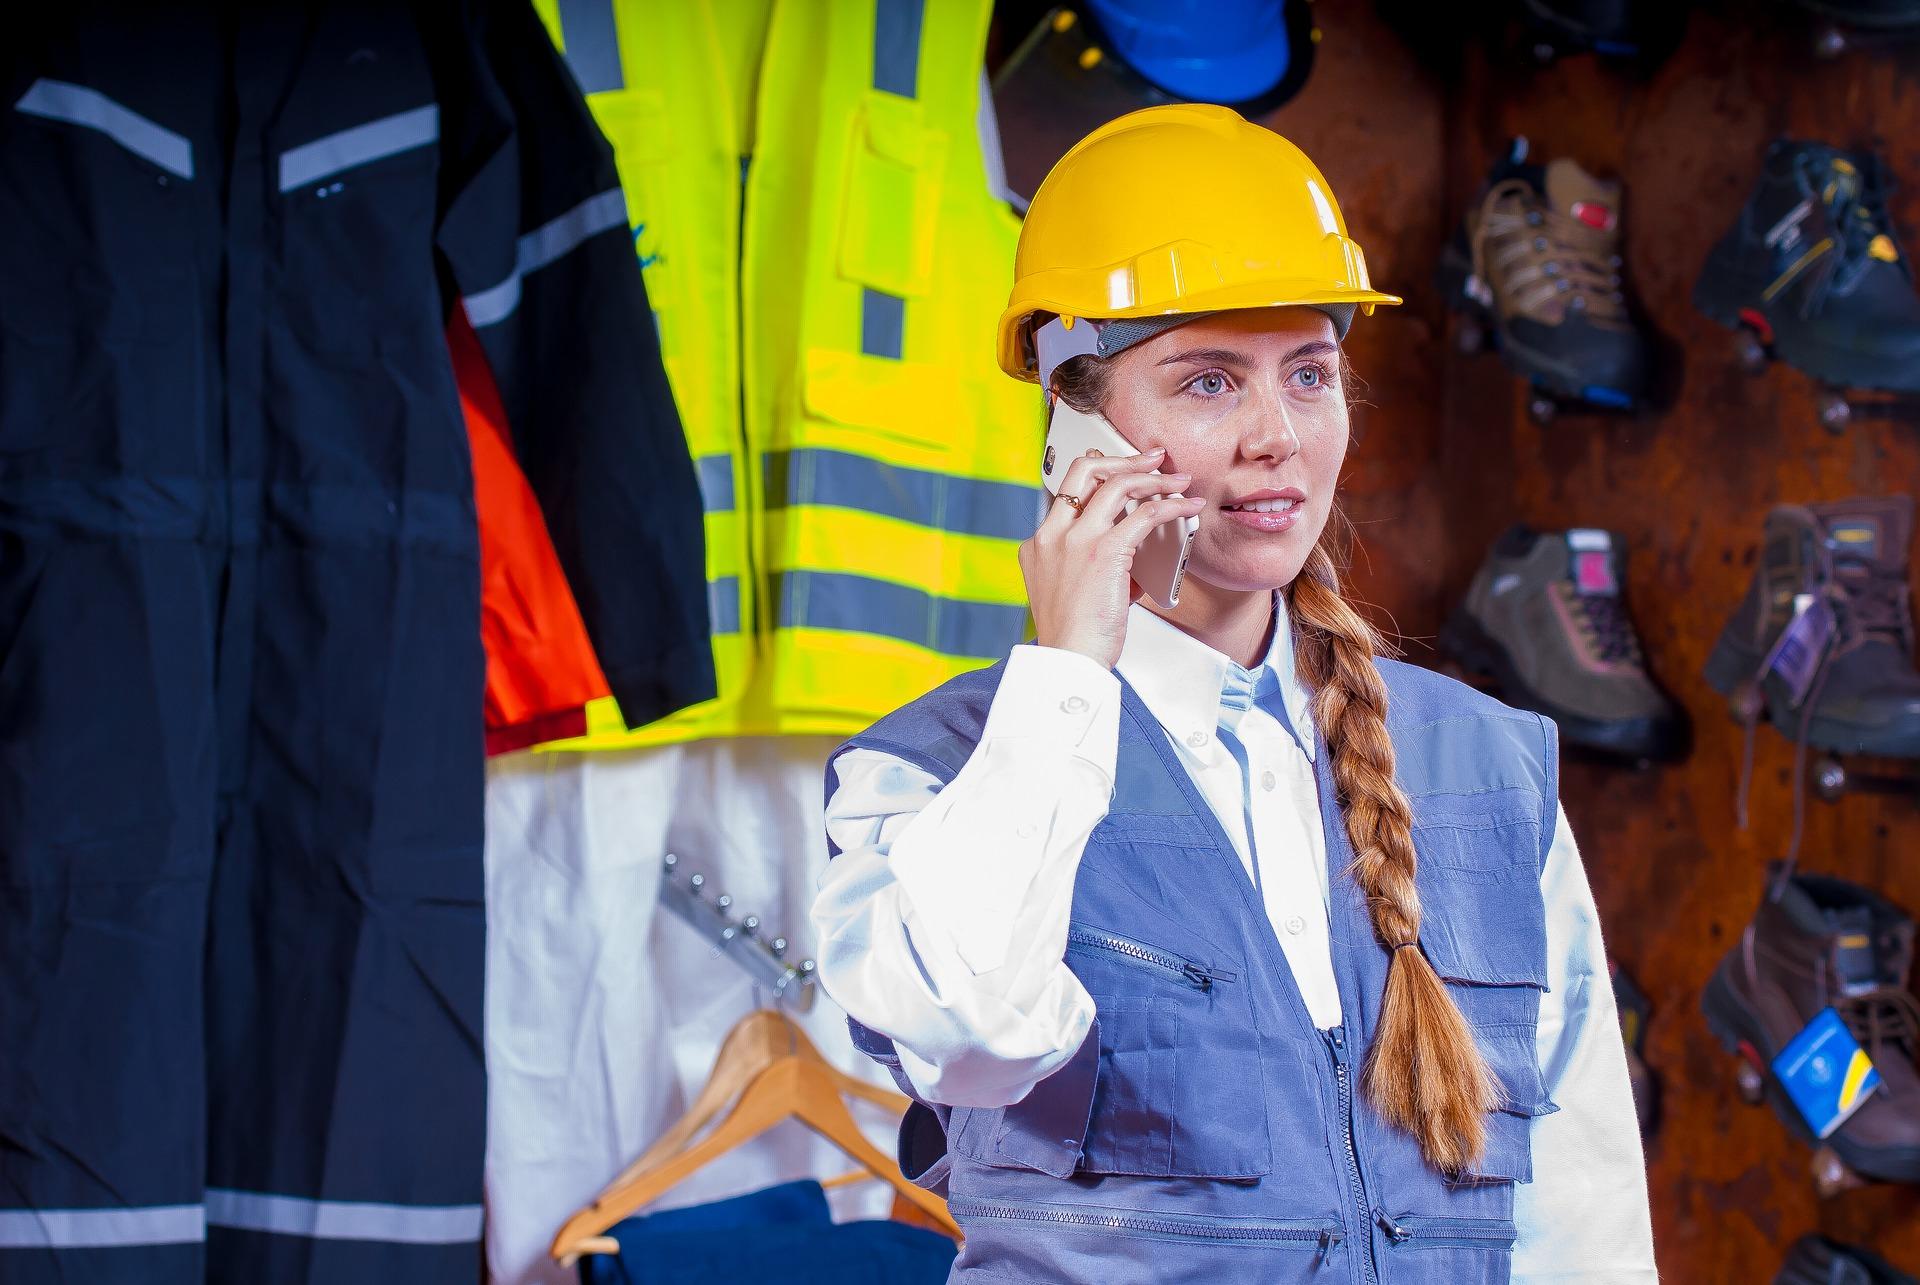 Polacy pracujący w branży logistycznej i transportowej z reguły są świadomi odpowiedzialności, jaka spoczywa na każdym pracowniku za zdrowie i życie swoje, oraz innych osób. (fot. pixabay.com)